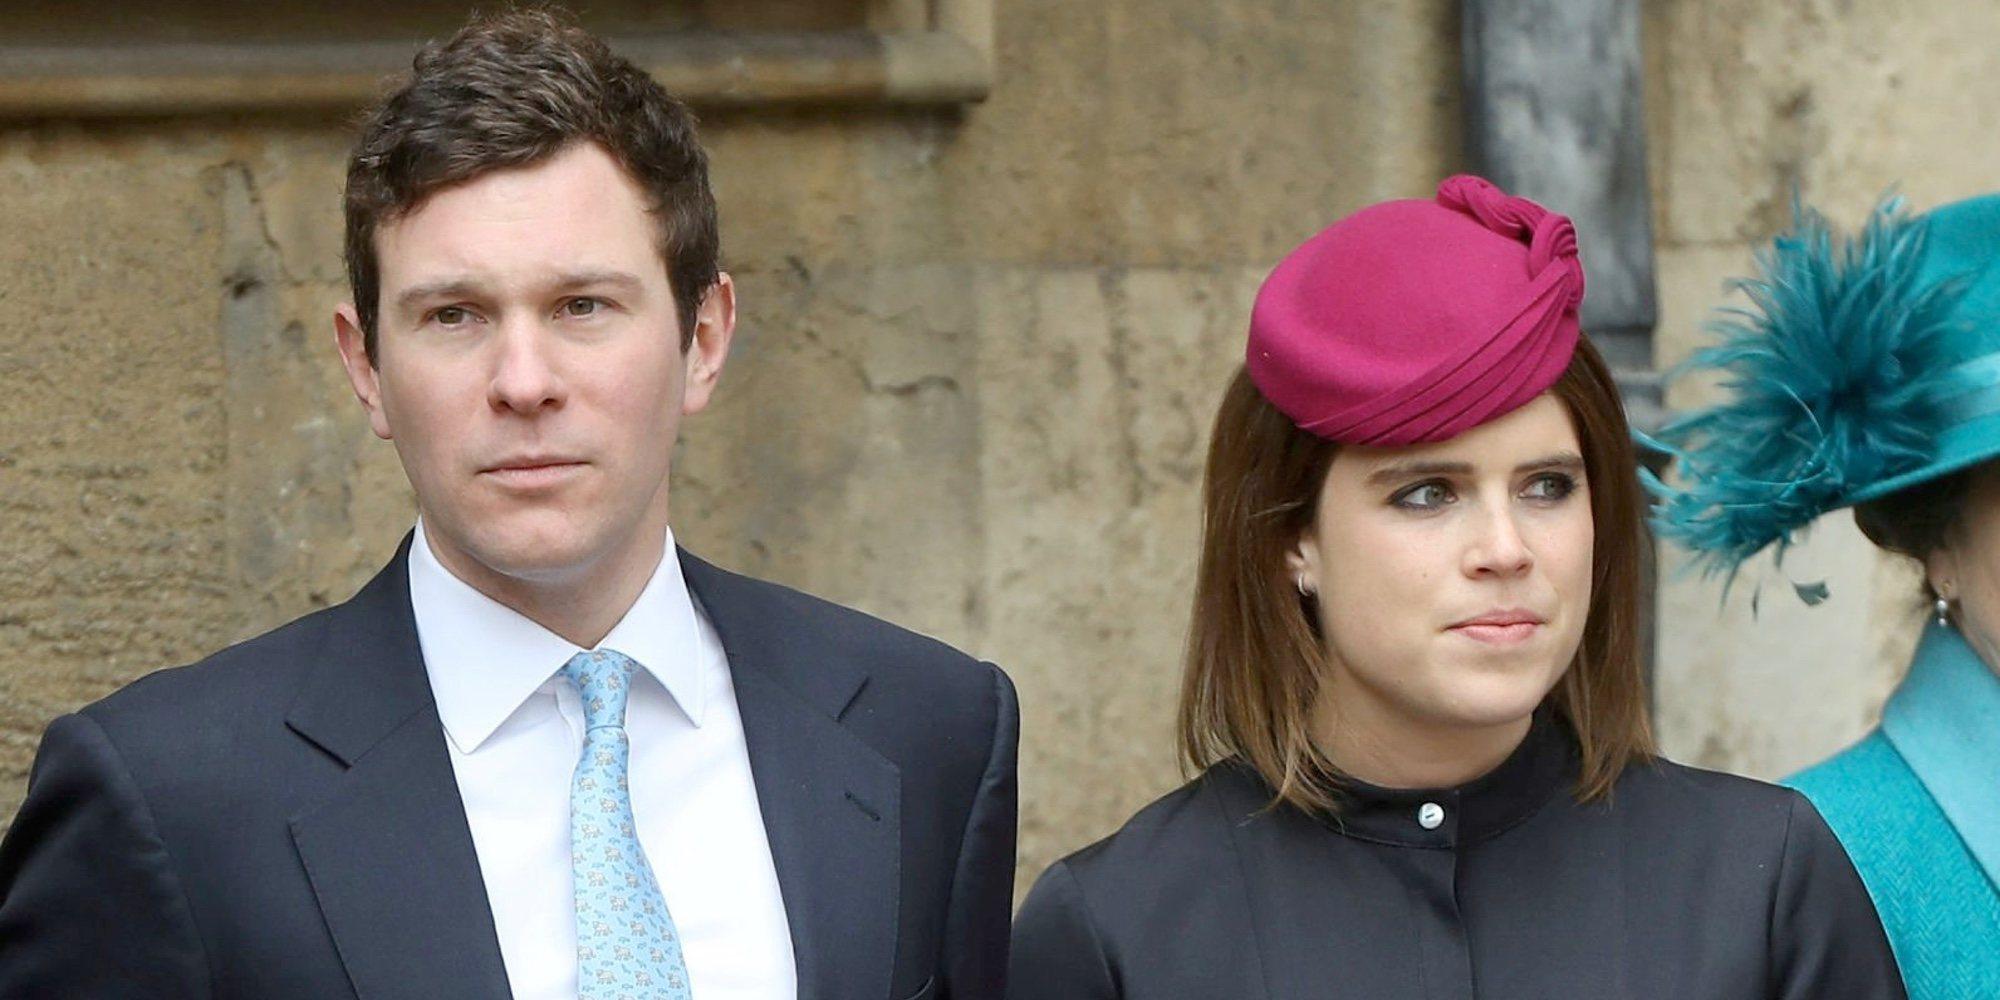 El enemigo 'inesperado' de Eugenia de York y Jack Brooksbank en su boda